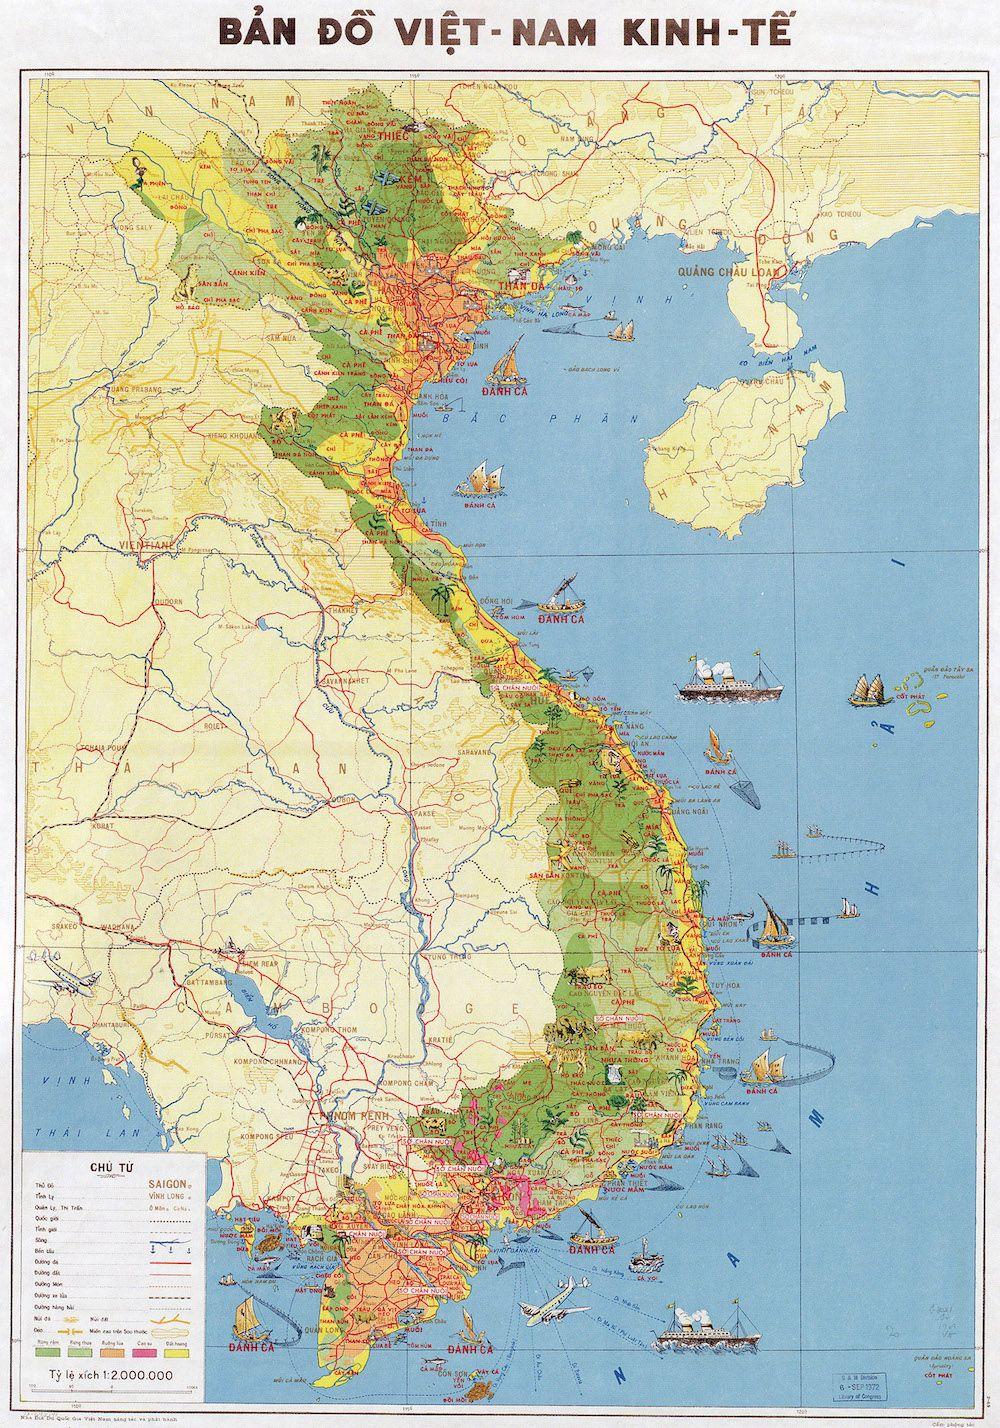 Fonte figura 3: Ban do viet nam kinh-te (Carta economica del Vietnam), Società geografica nazionale del Vietnam, 1969 (dalla Library of Congress).